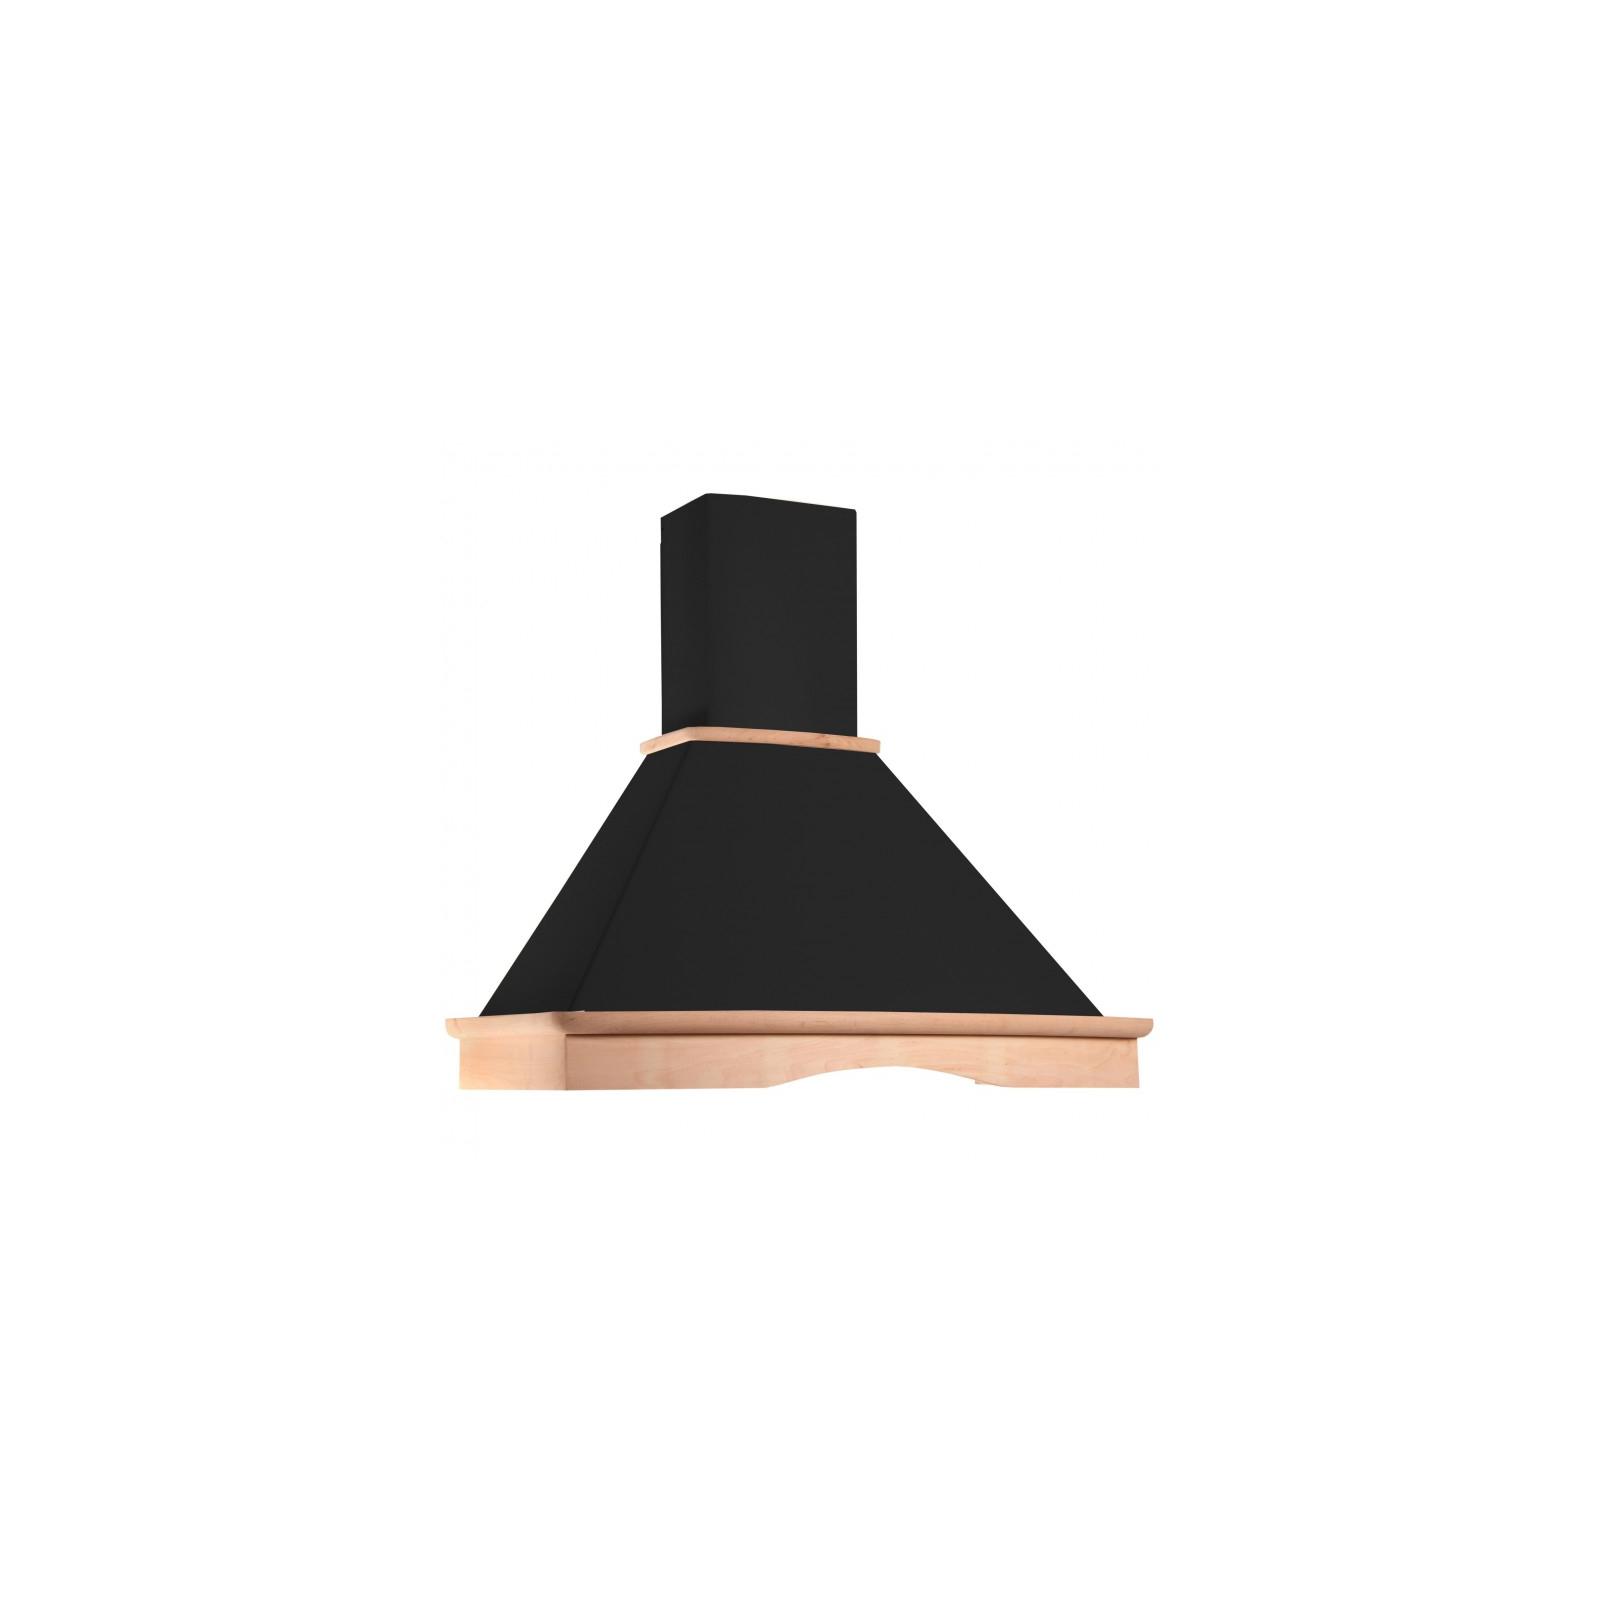 Вытяжка кухонная ELEYUS Tempo 1000 LED SMD 90 N BL изображение 6